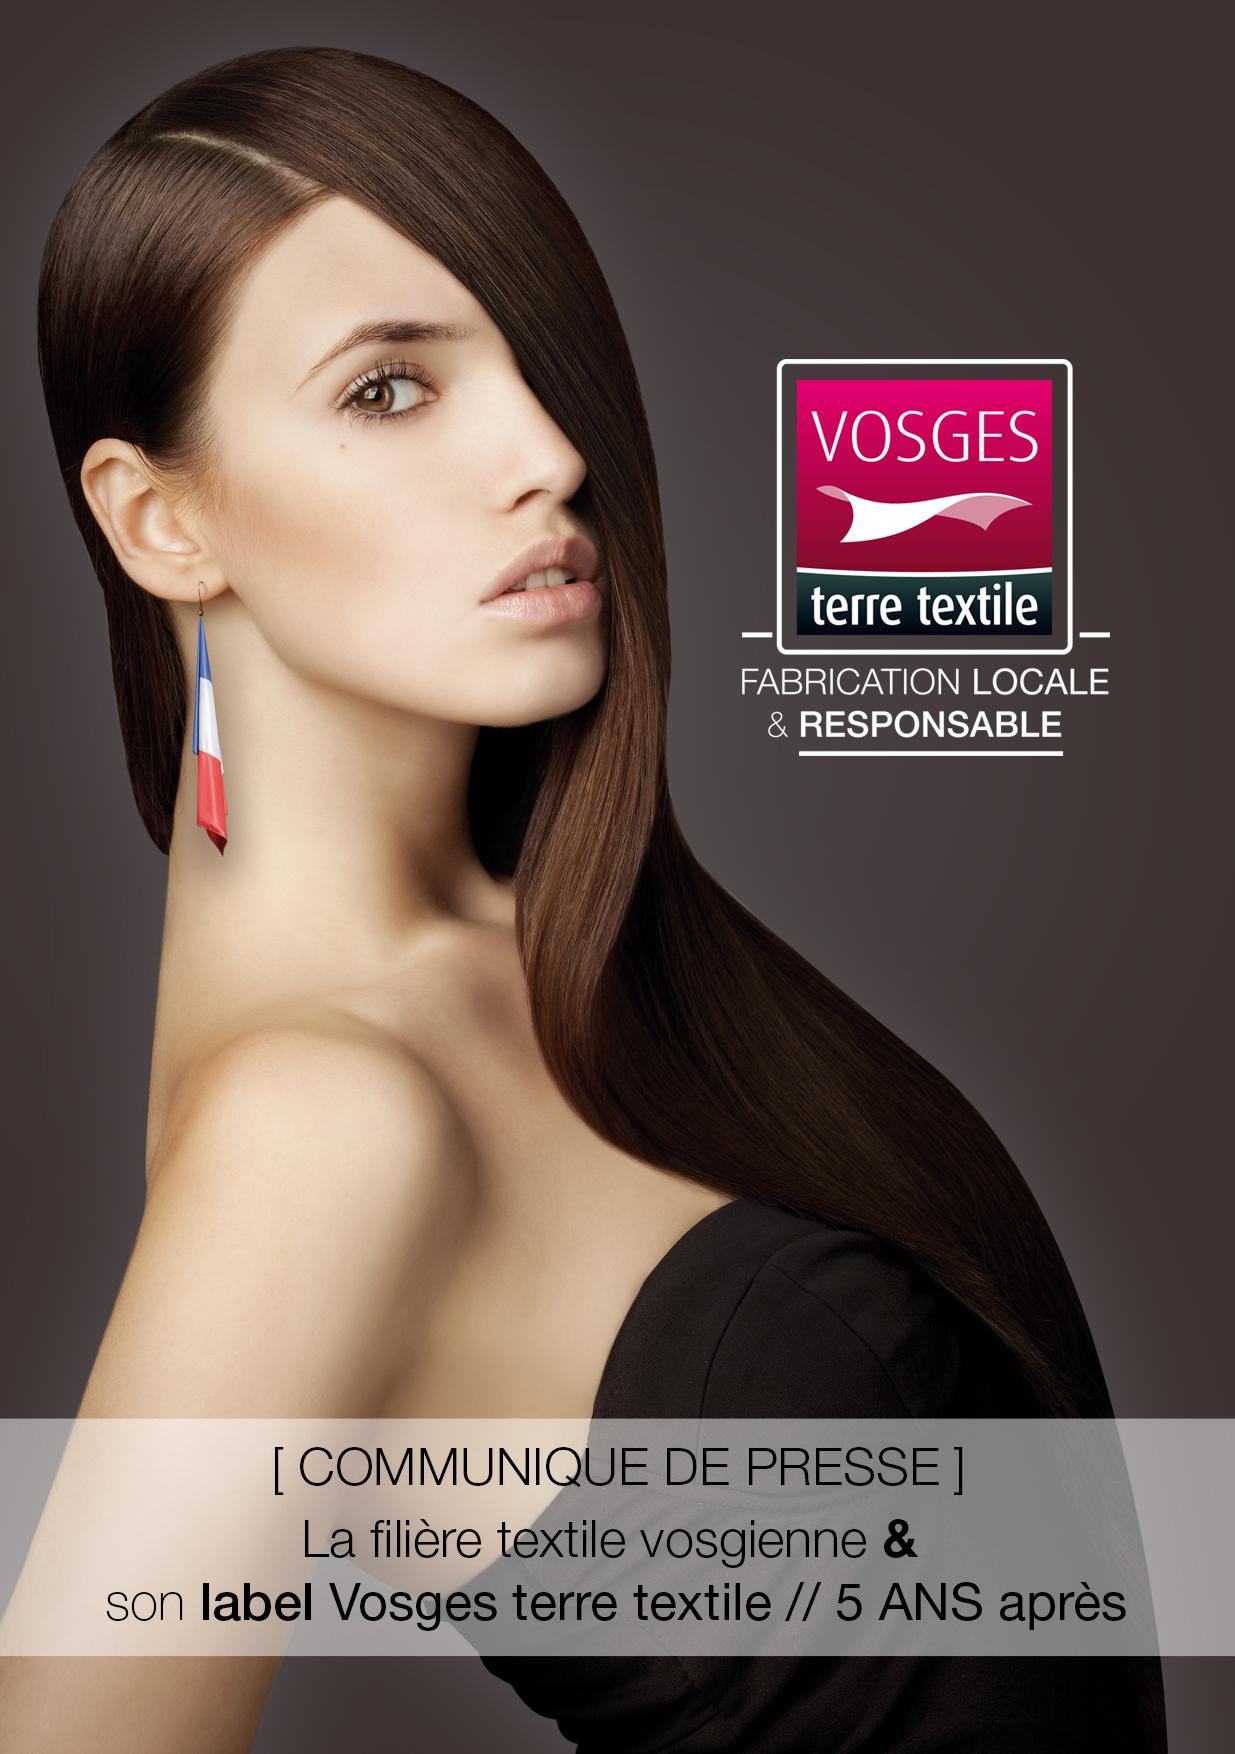 Le-label-Vosges-terre-textile-renforce-sa-filiere